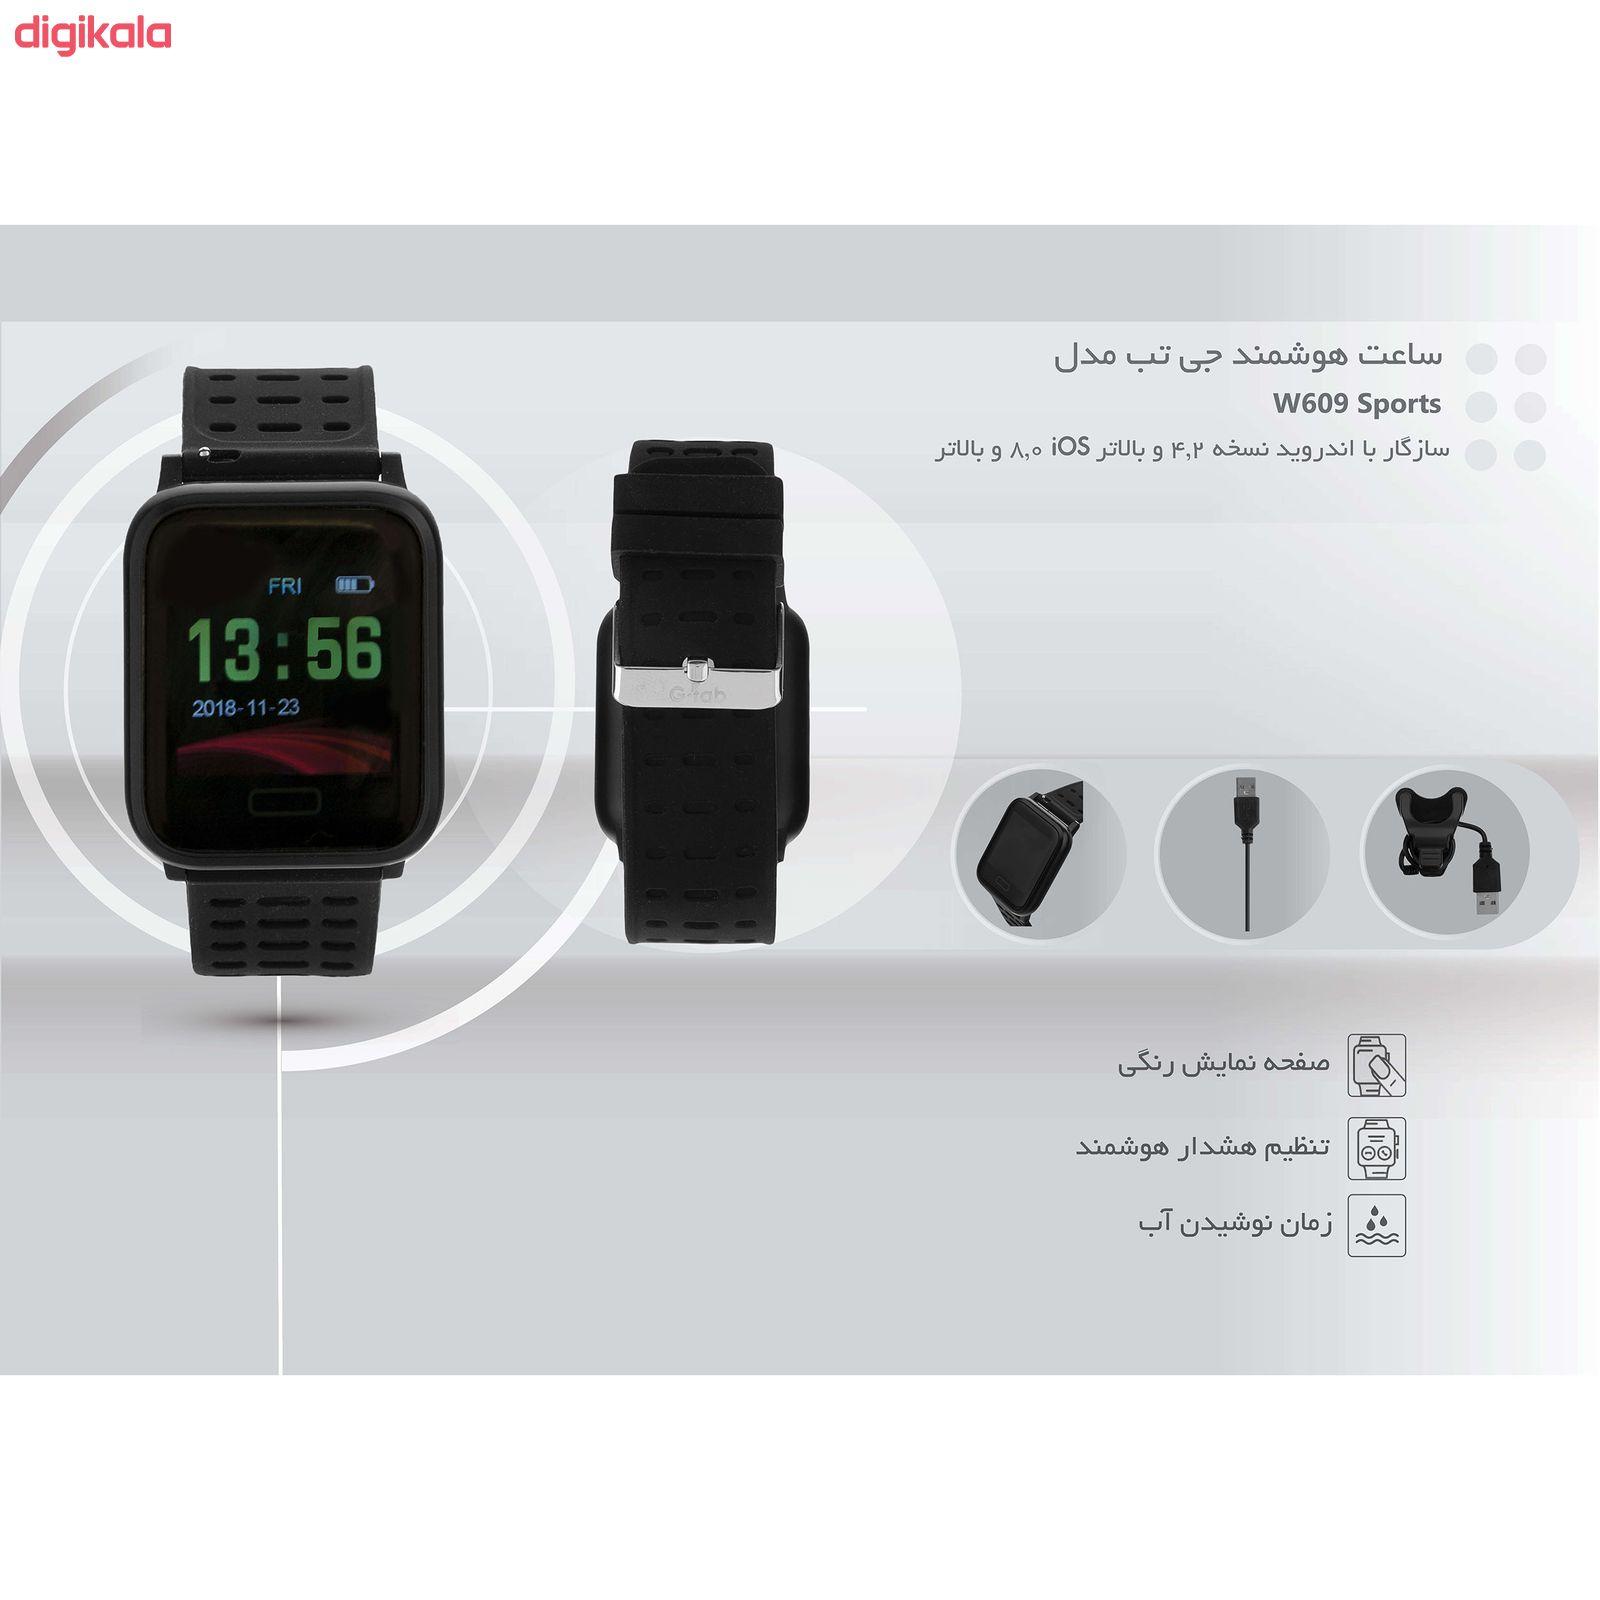 ساعت هوشمند جی تب مدل W609 Sports main 1 8